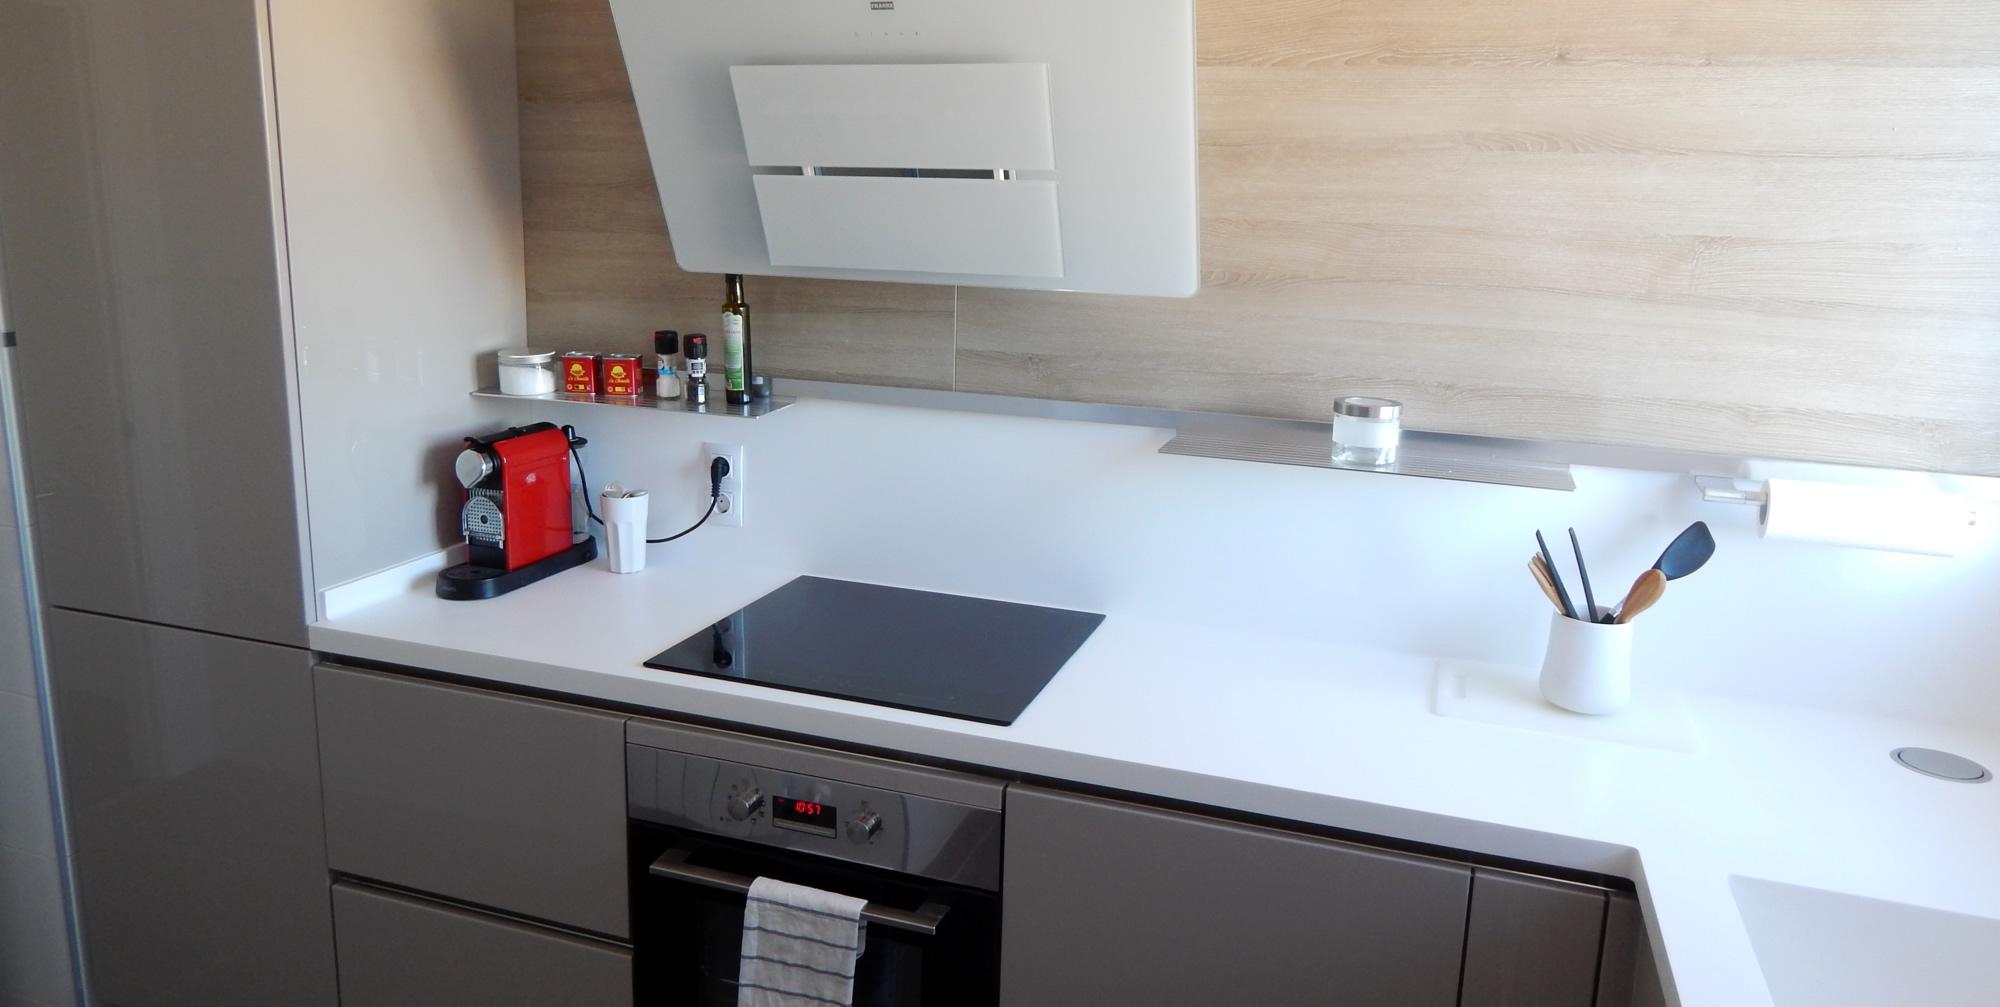 Muebles de cocina modelo 4030 for Muebles de cocina con encimera